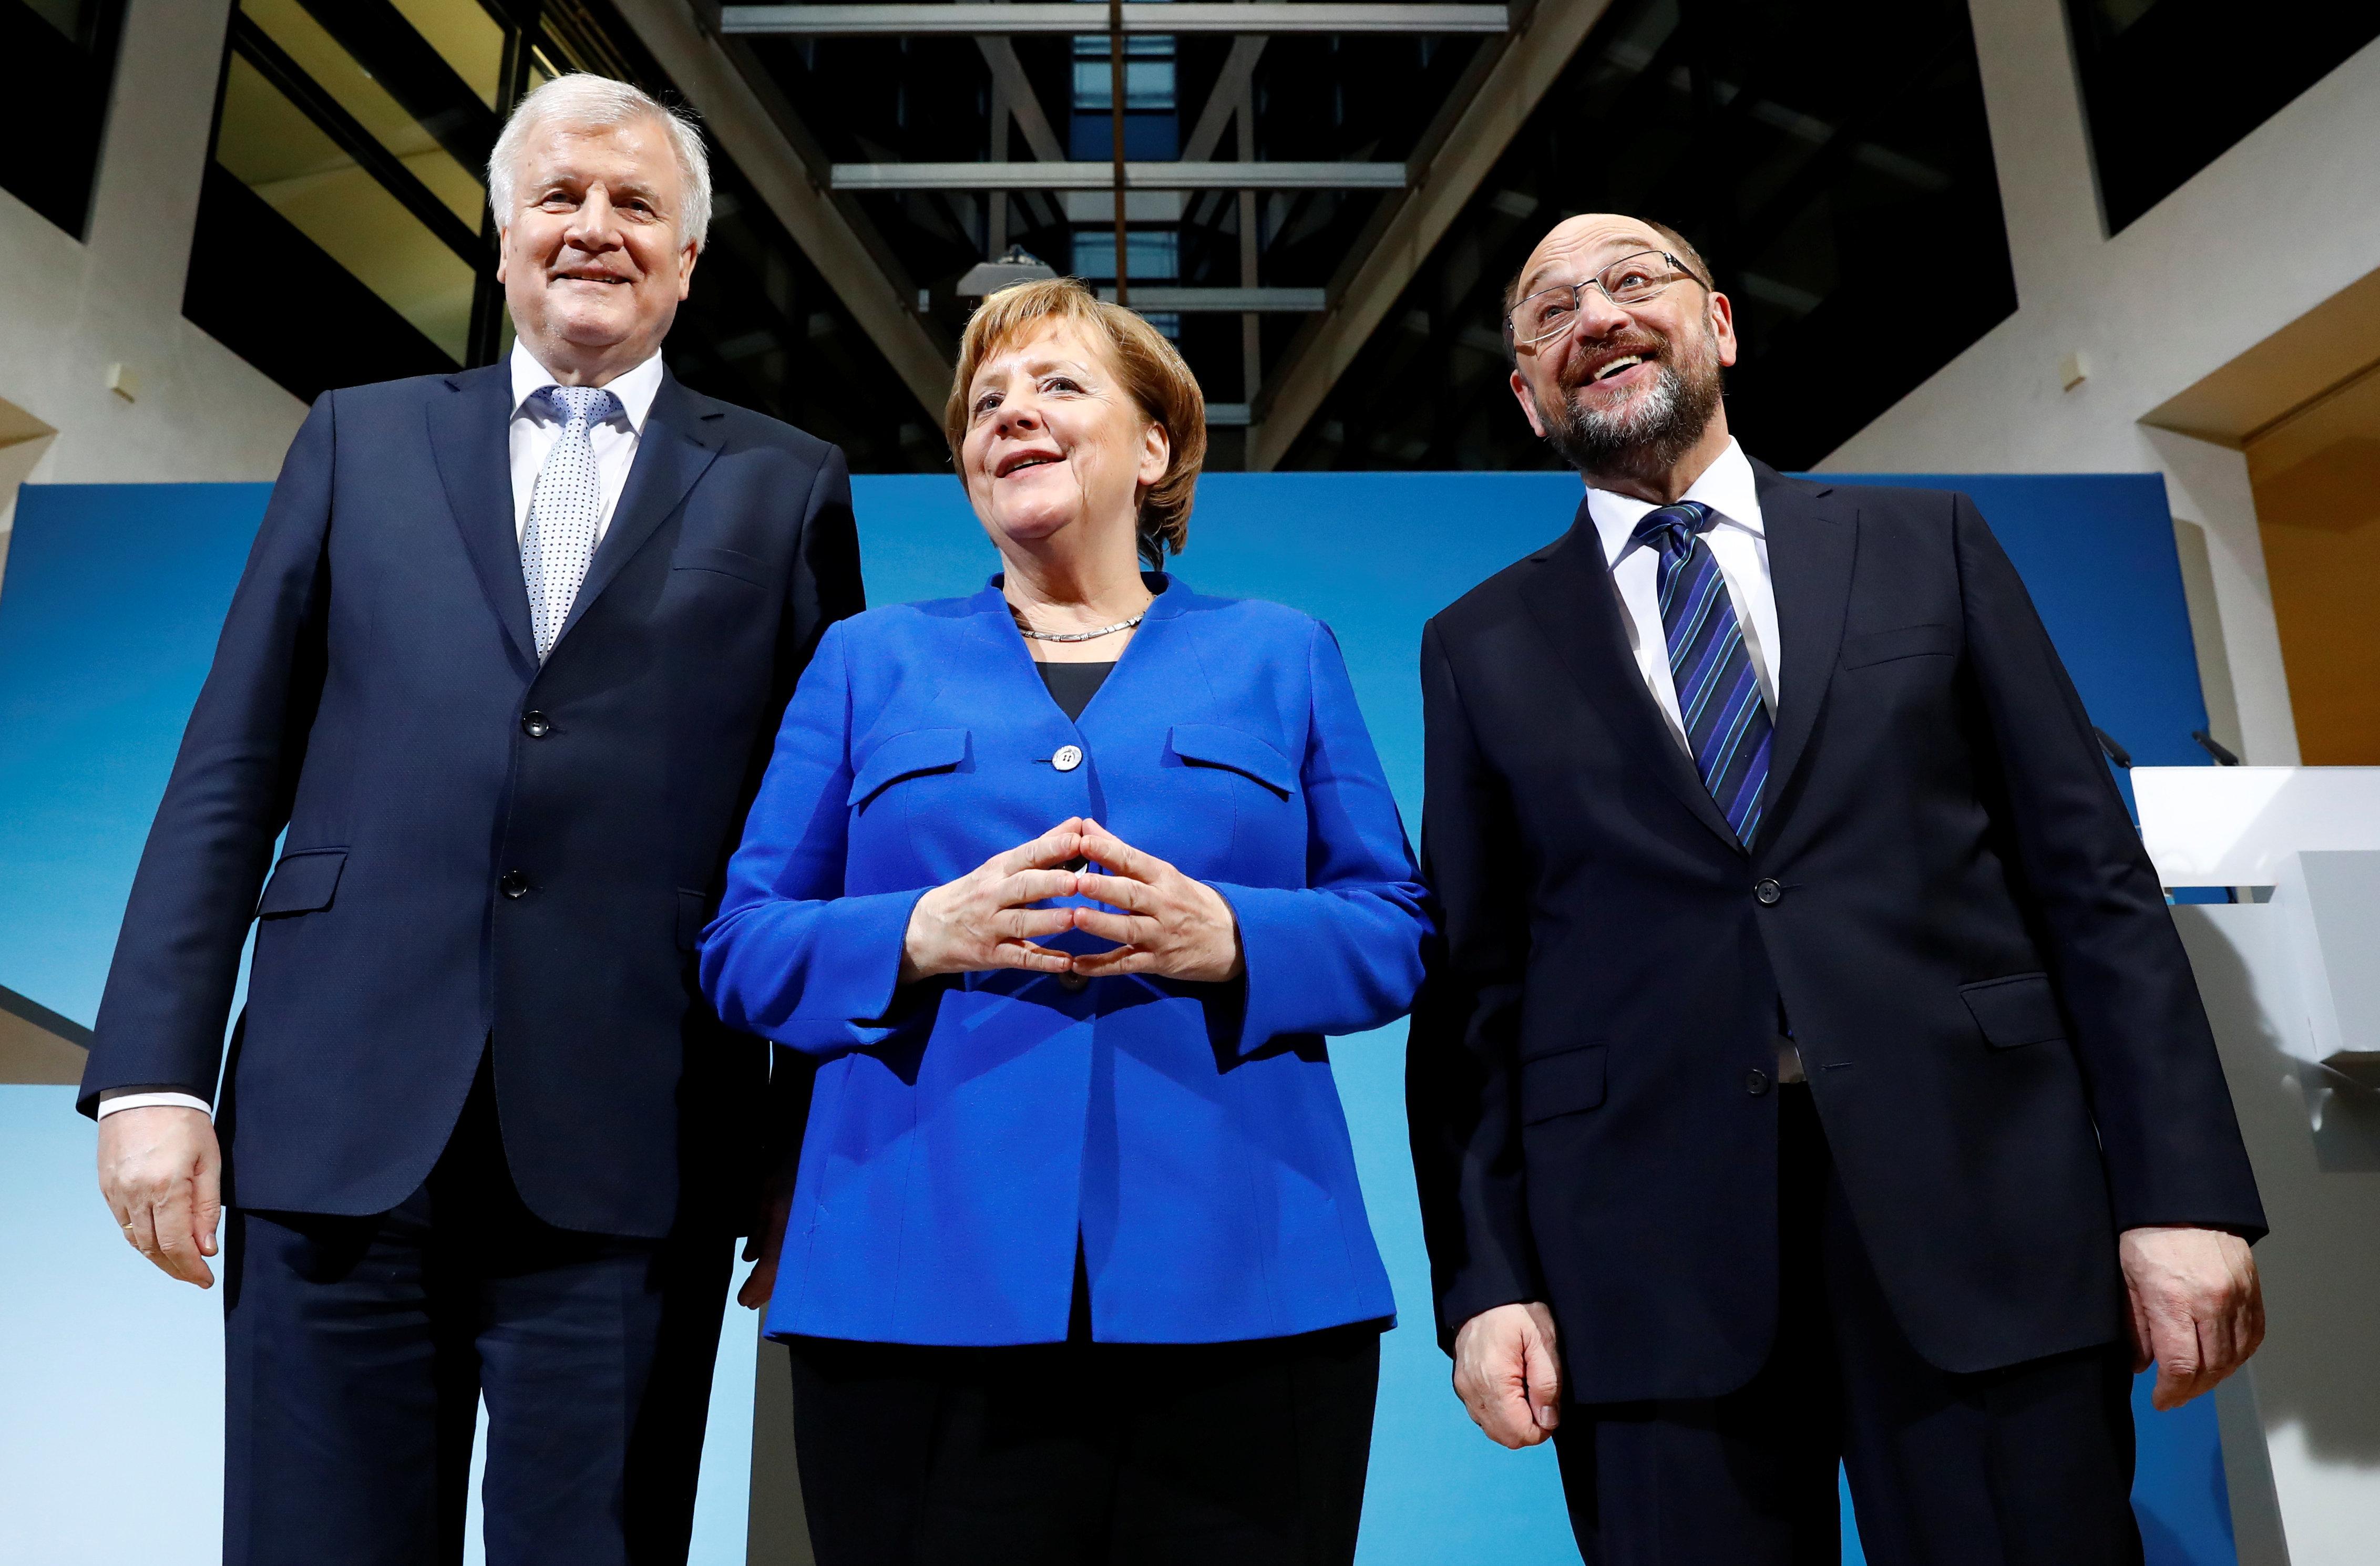 Μικρή αύξηση στα ποσοστά Χριστιανοδημοκρατών και Σοσιαλιστών στη